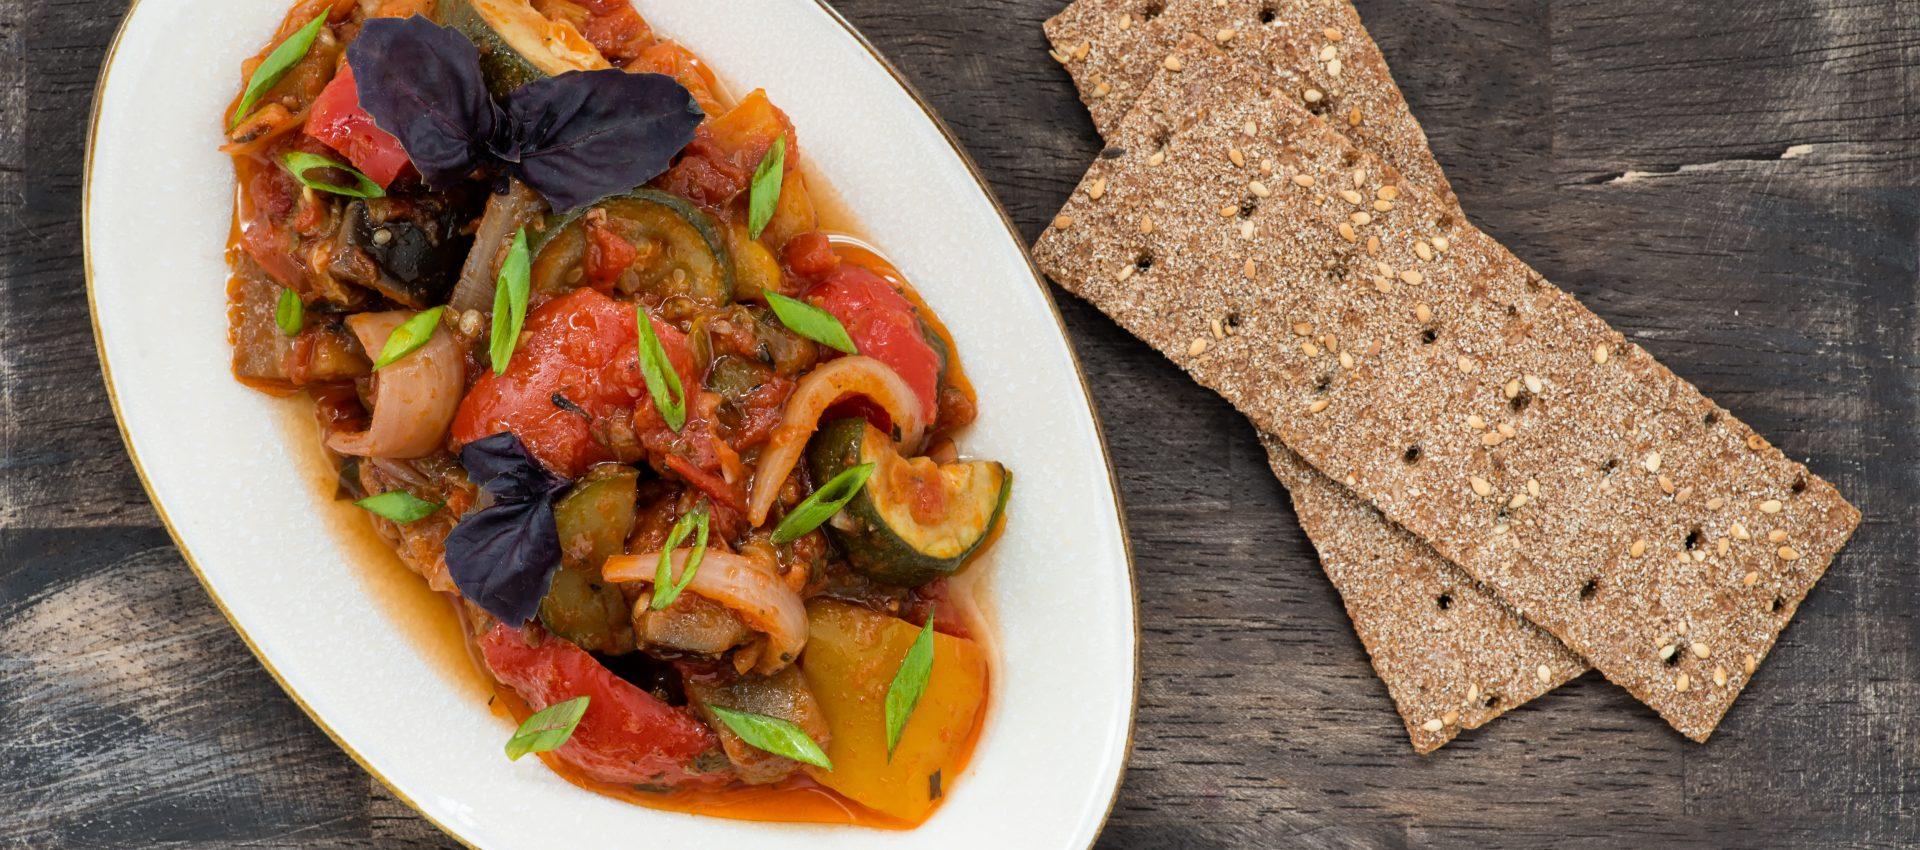 Ratatouille au piment d'Espelette ww au cookeo